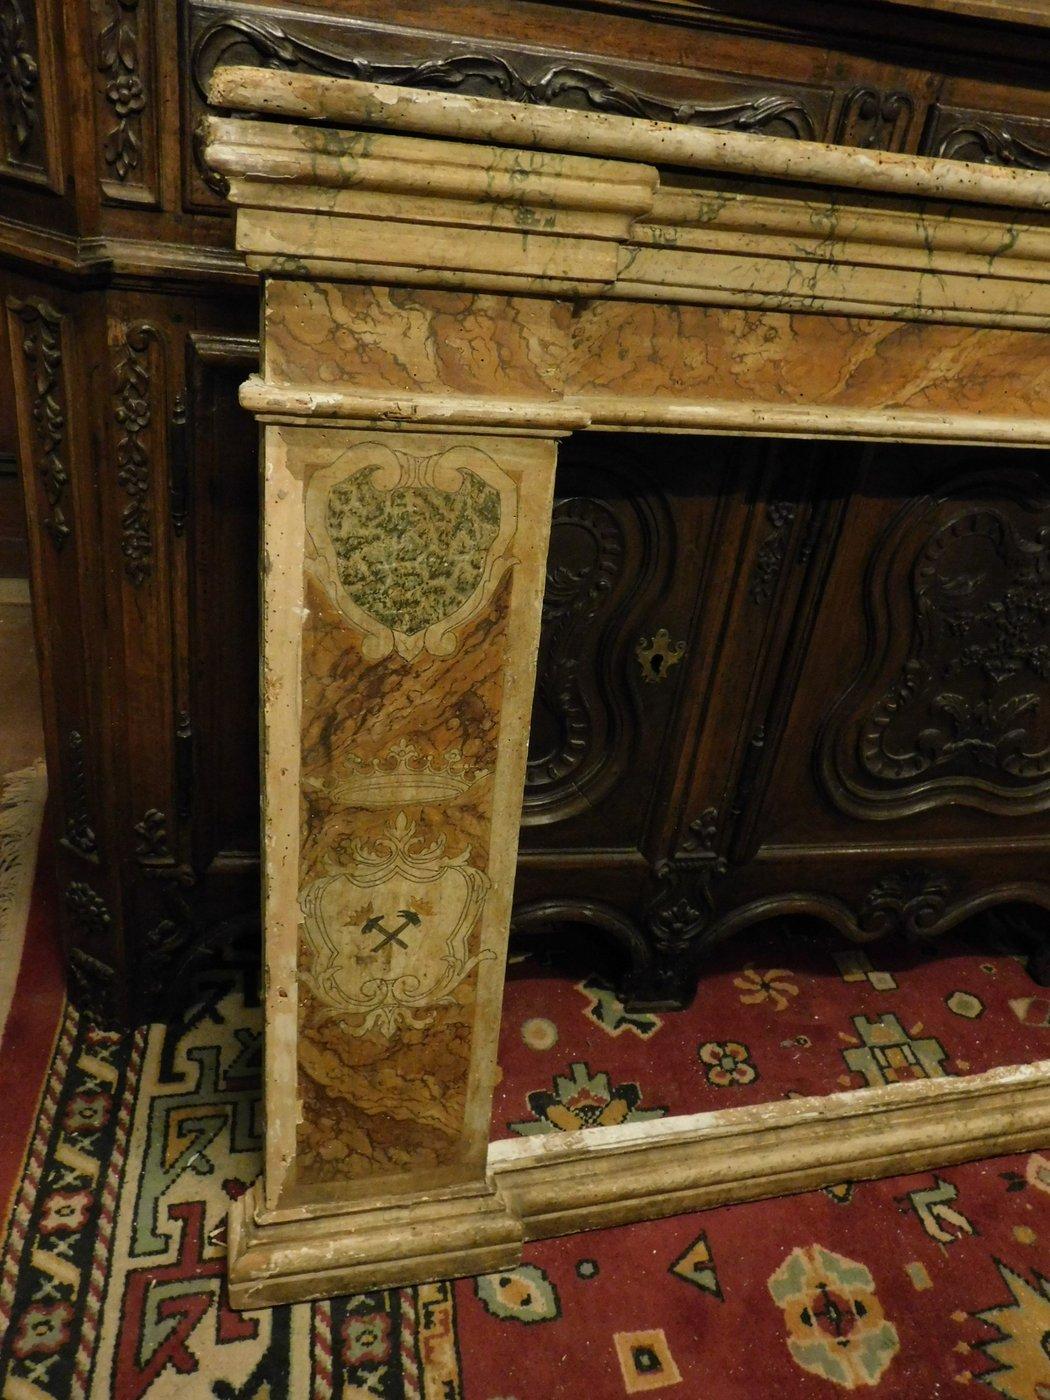 thumb5|A pan209 telaio laccato finto marmo, con capitelli mis. larg. cm 233 x h 105, epoca '700